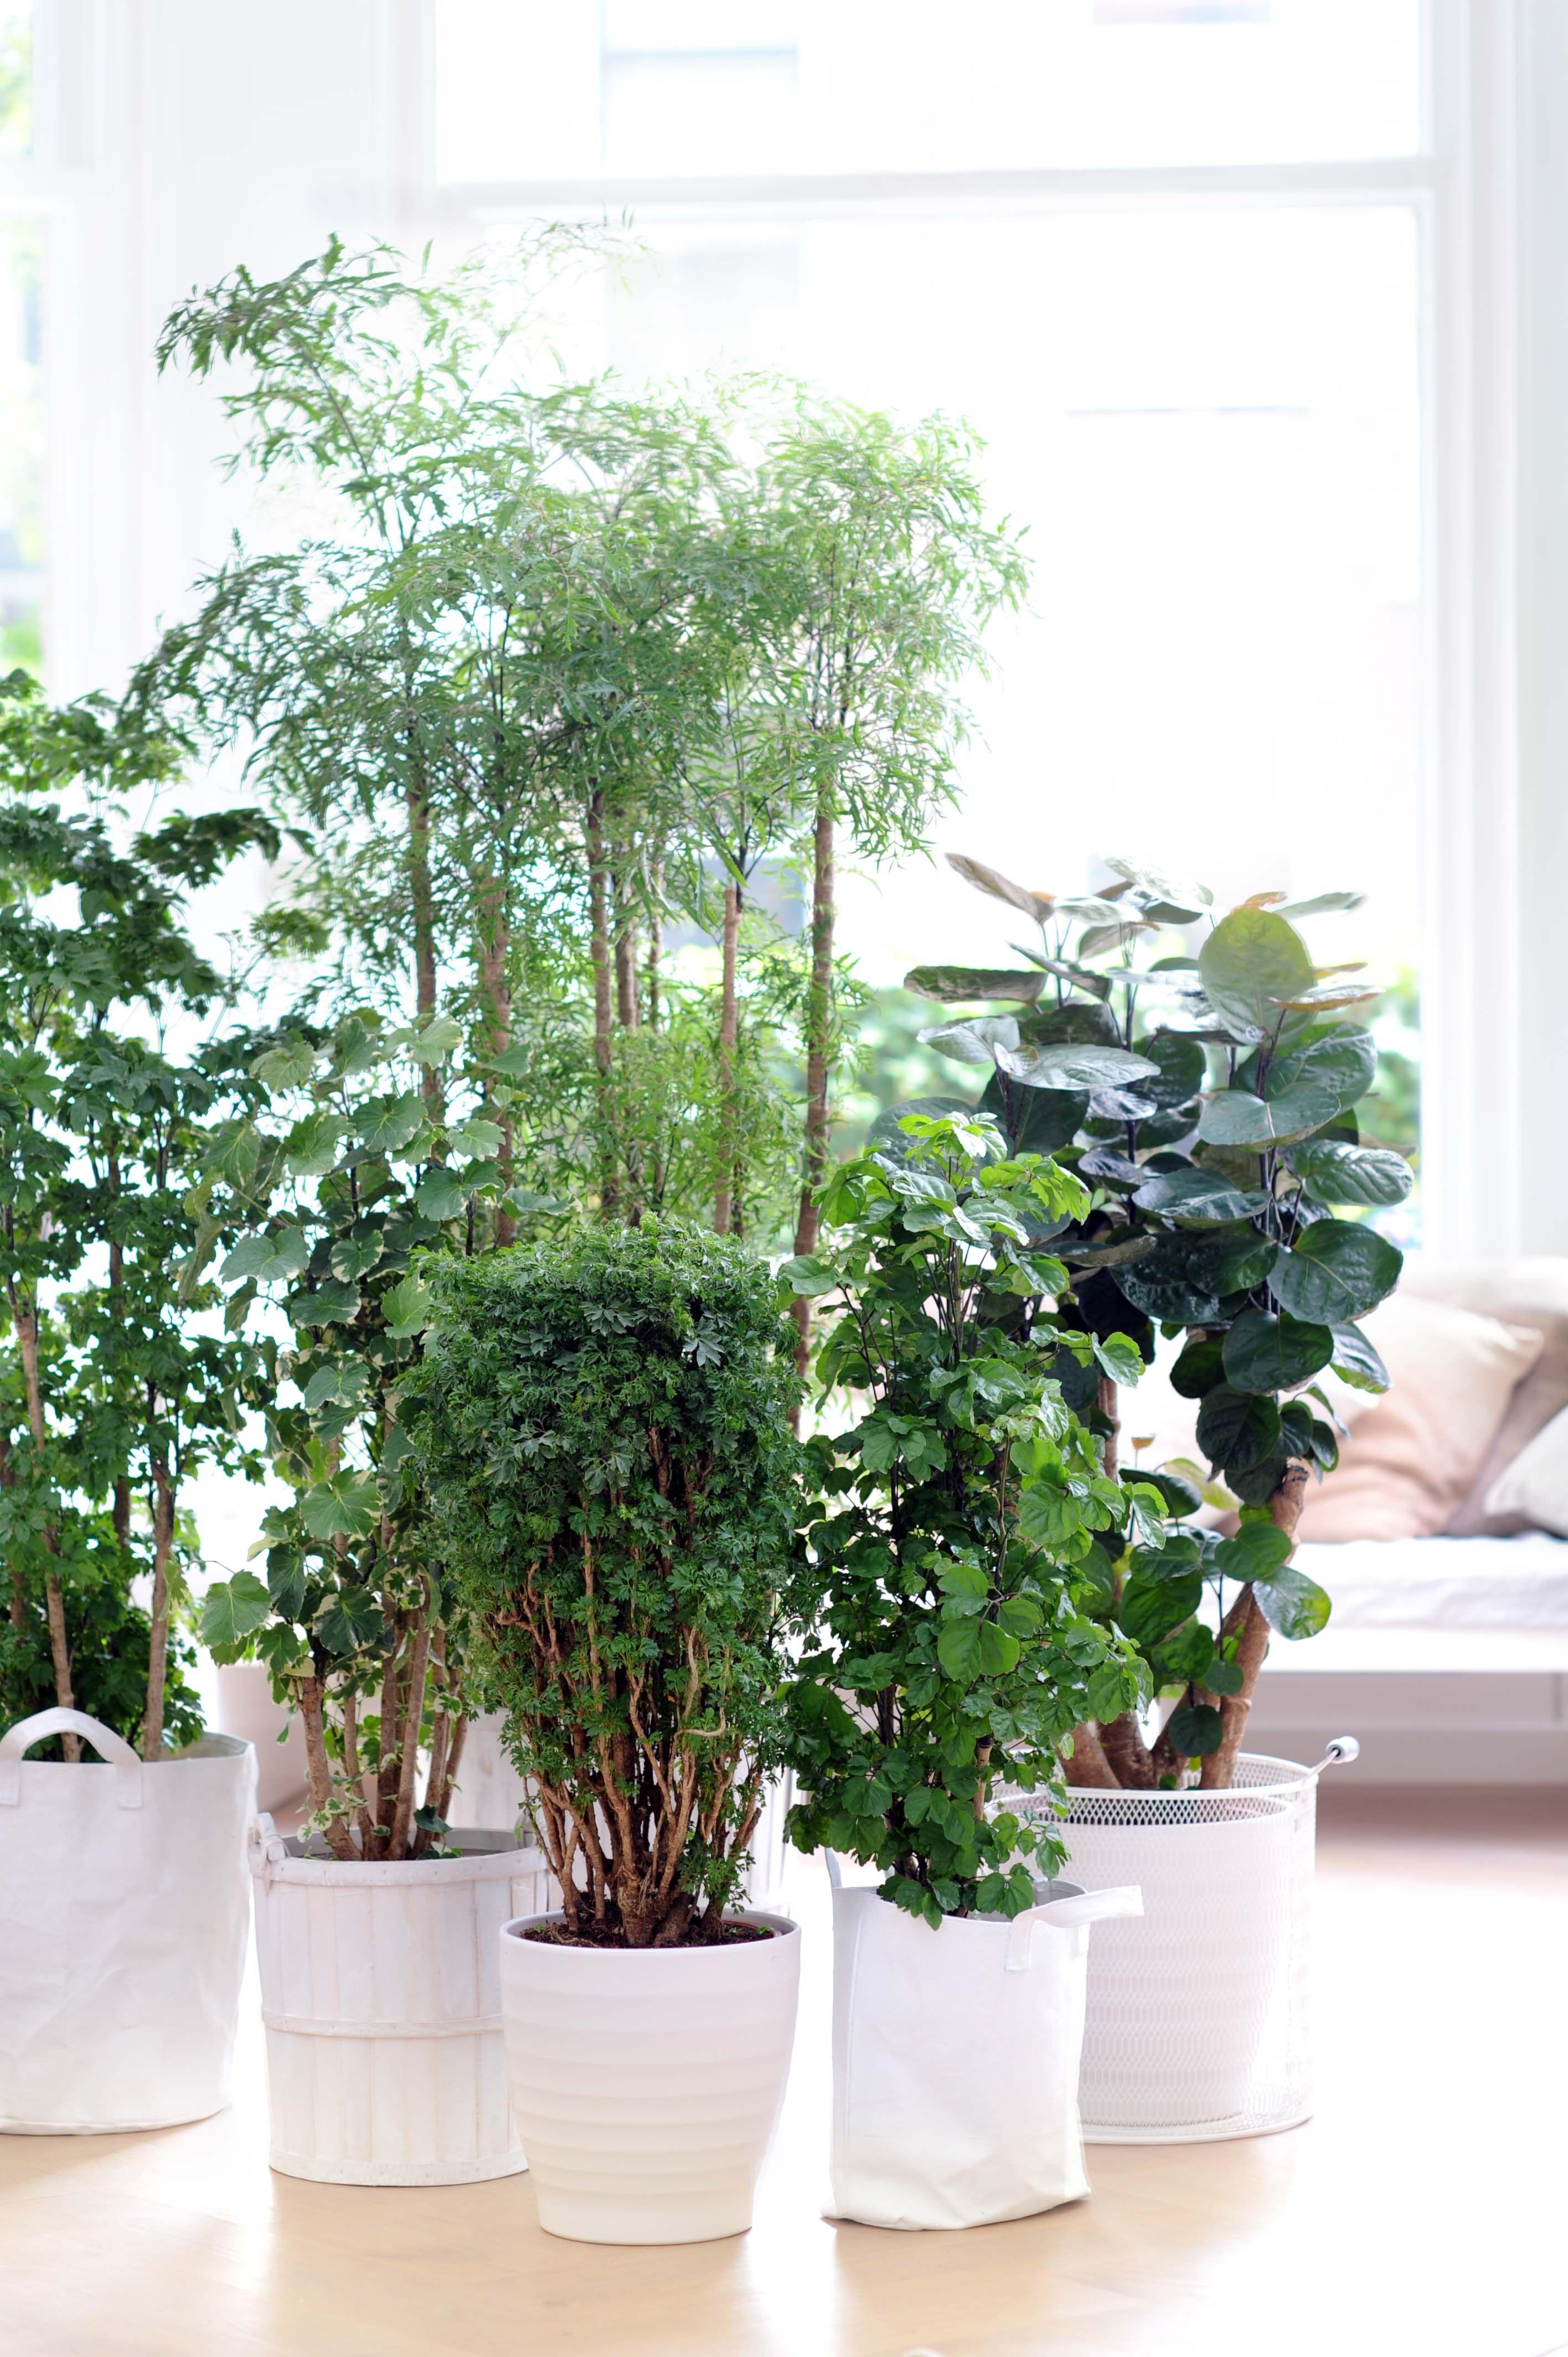 donkere standplaats planten